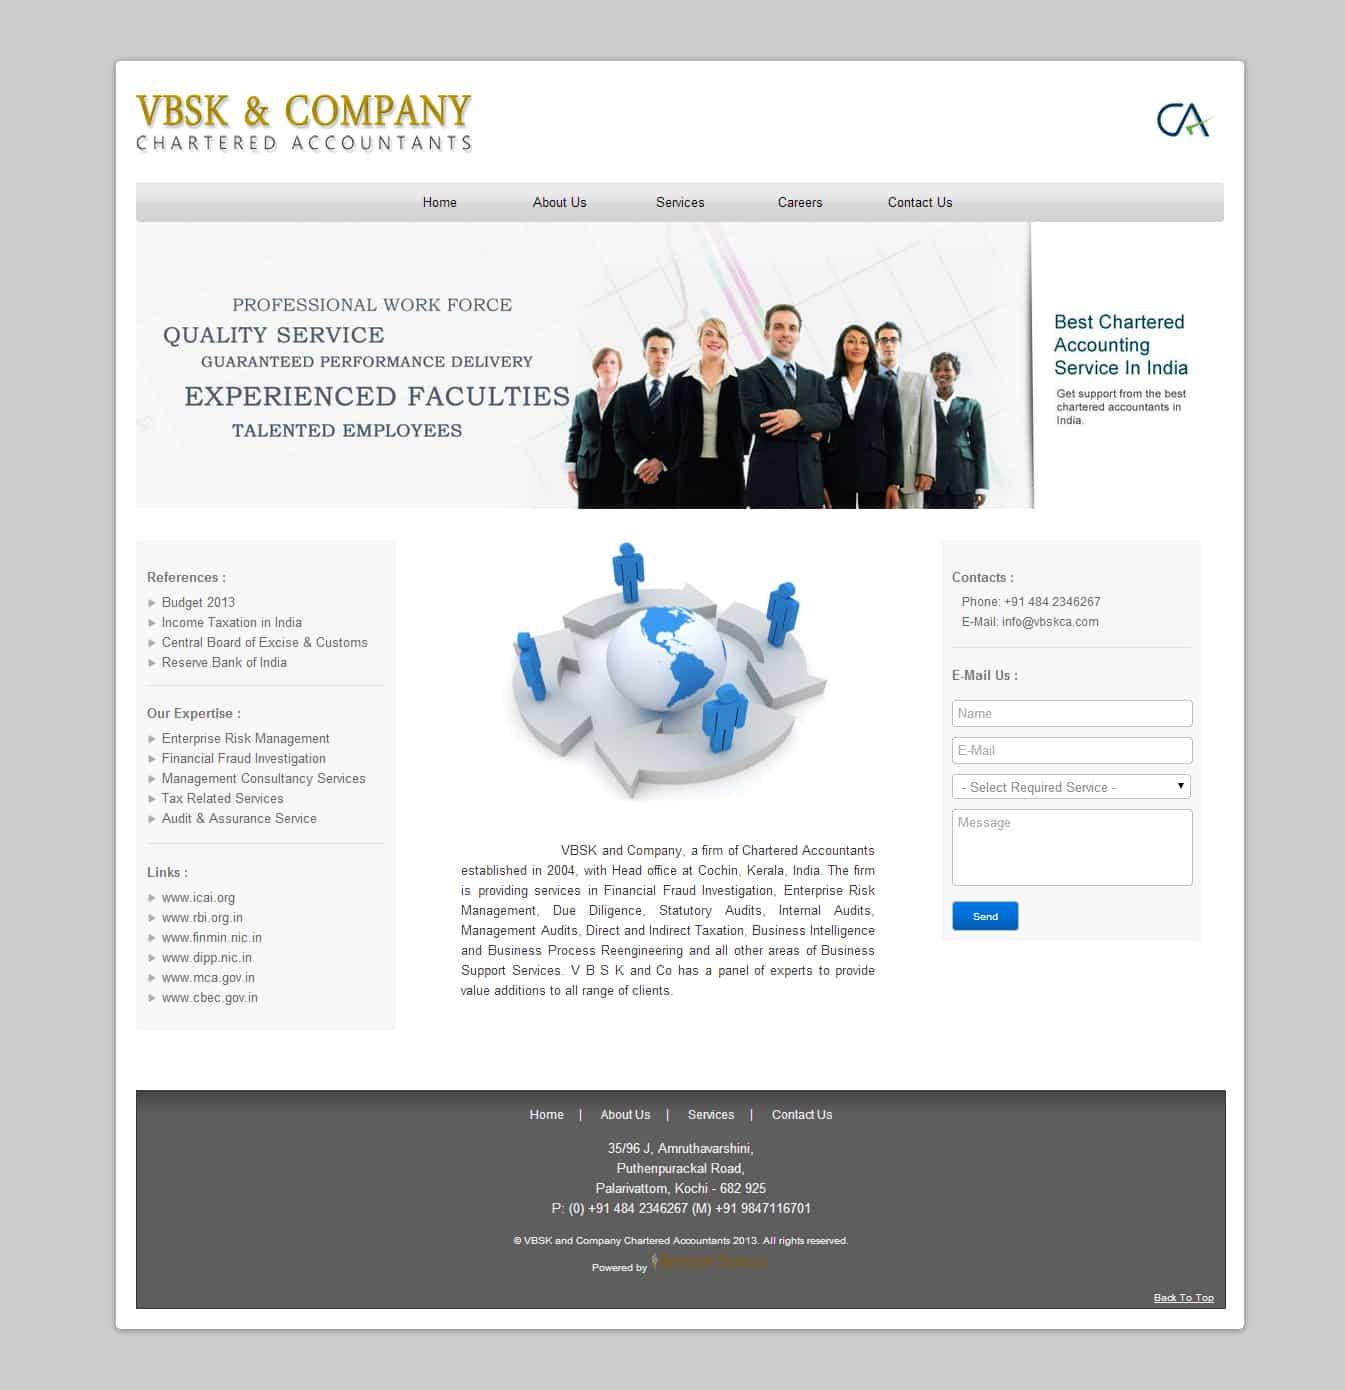 VBSK & Company